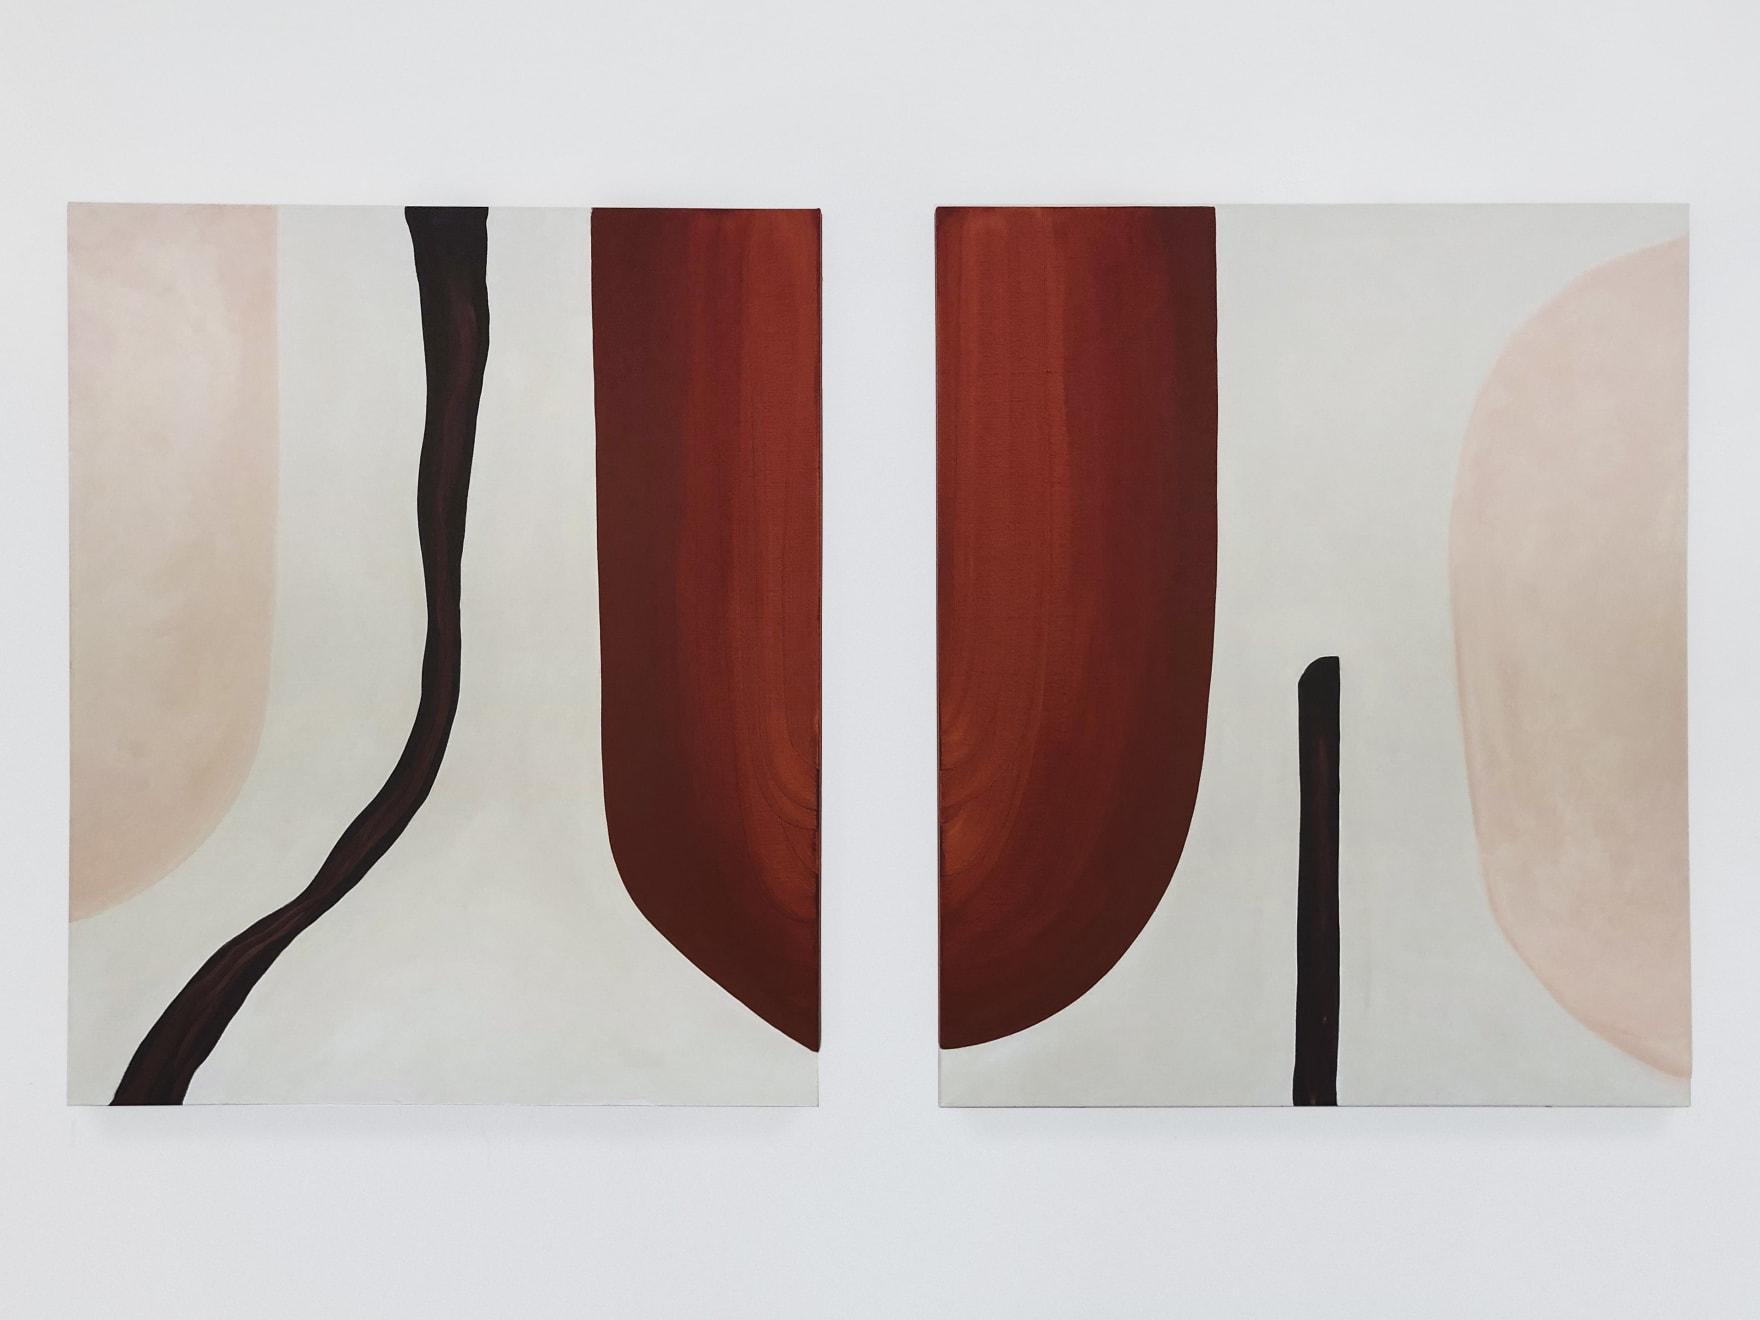 Caroline Popham, Untitled , 2019